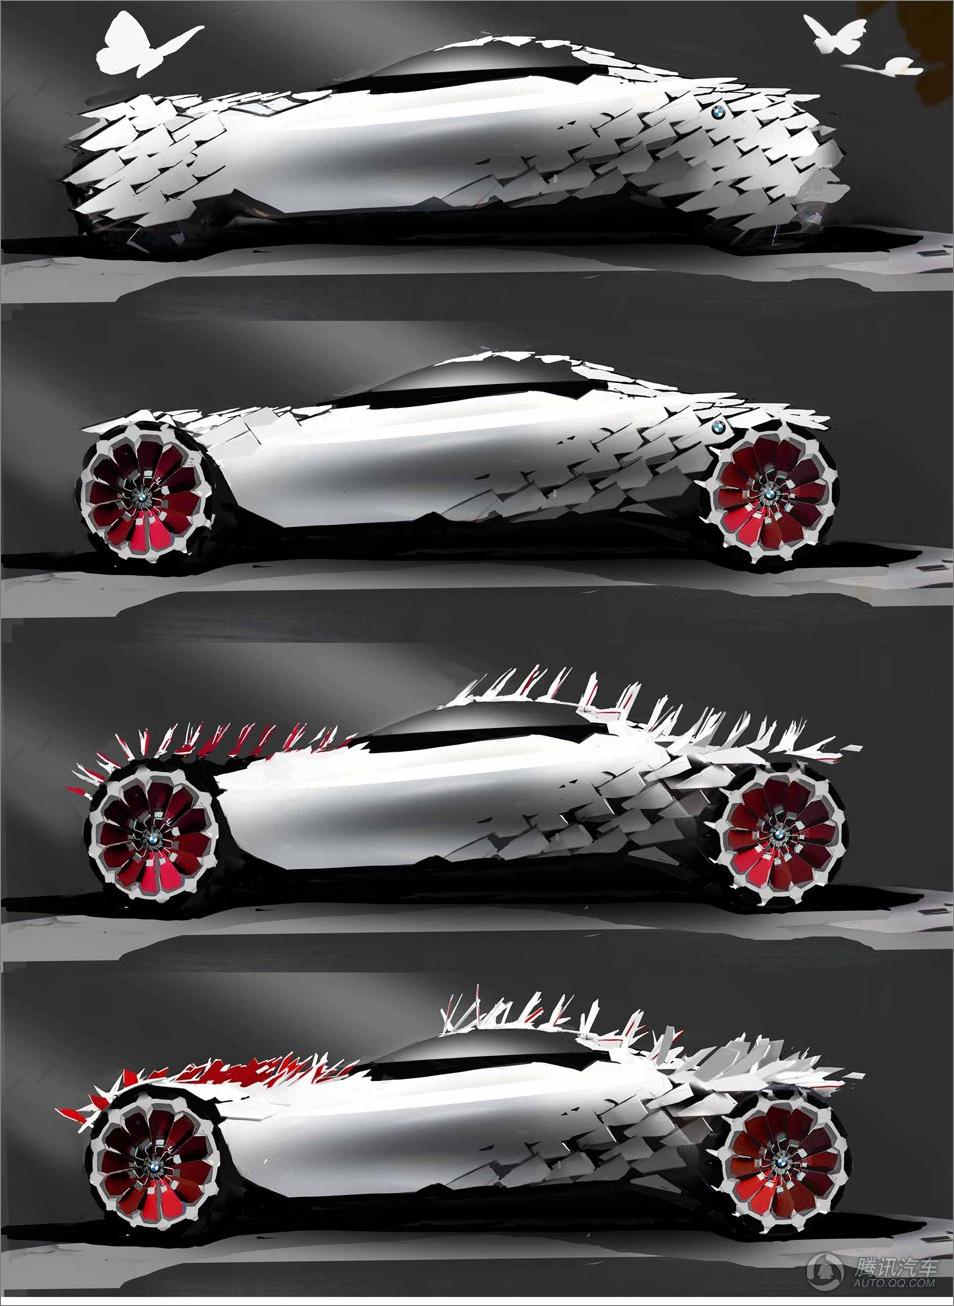 概念车、奔驰biome概念车 淘宝助理